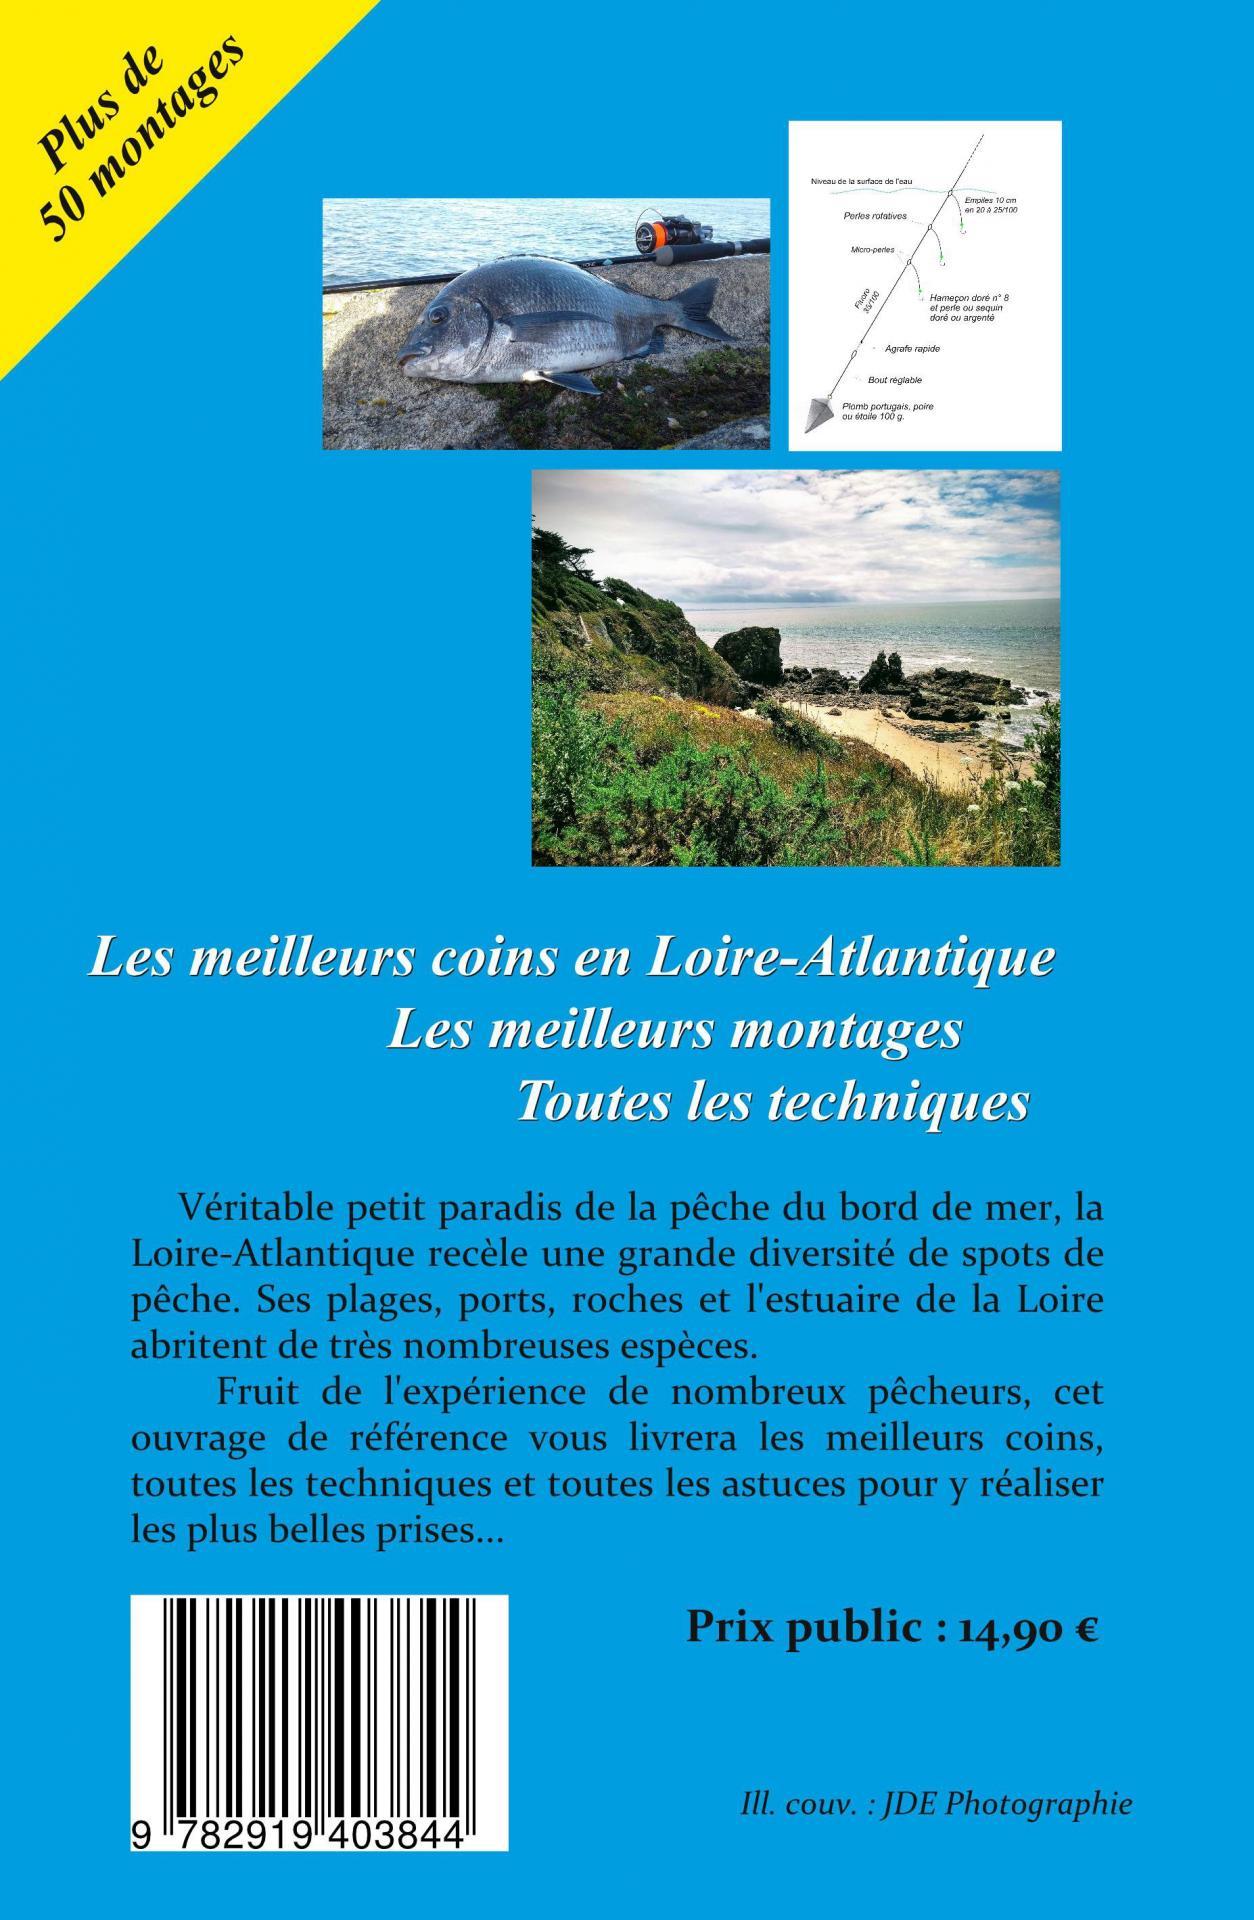 Loire atlantique 4eme couv